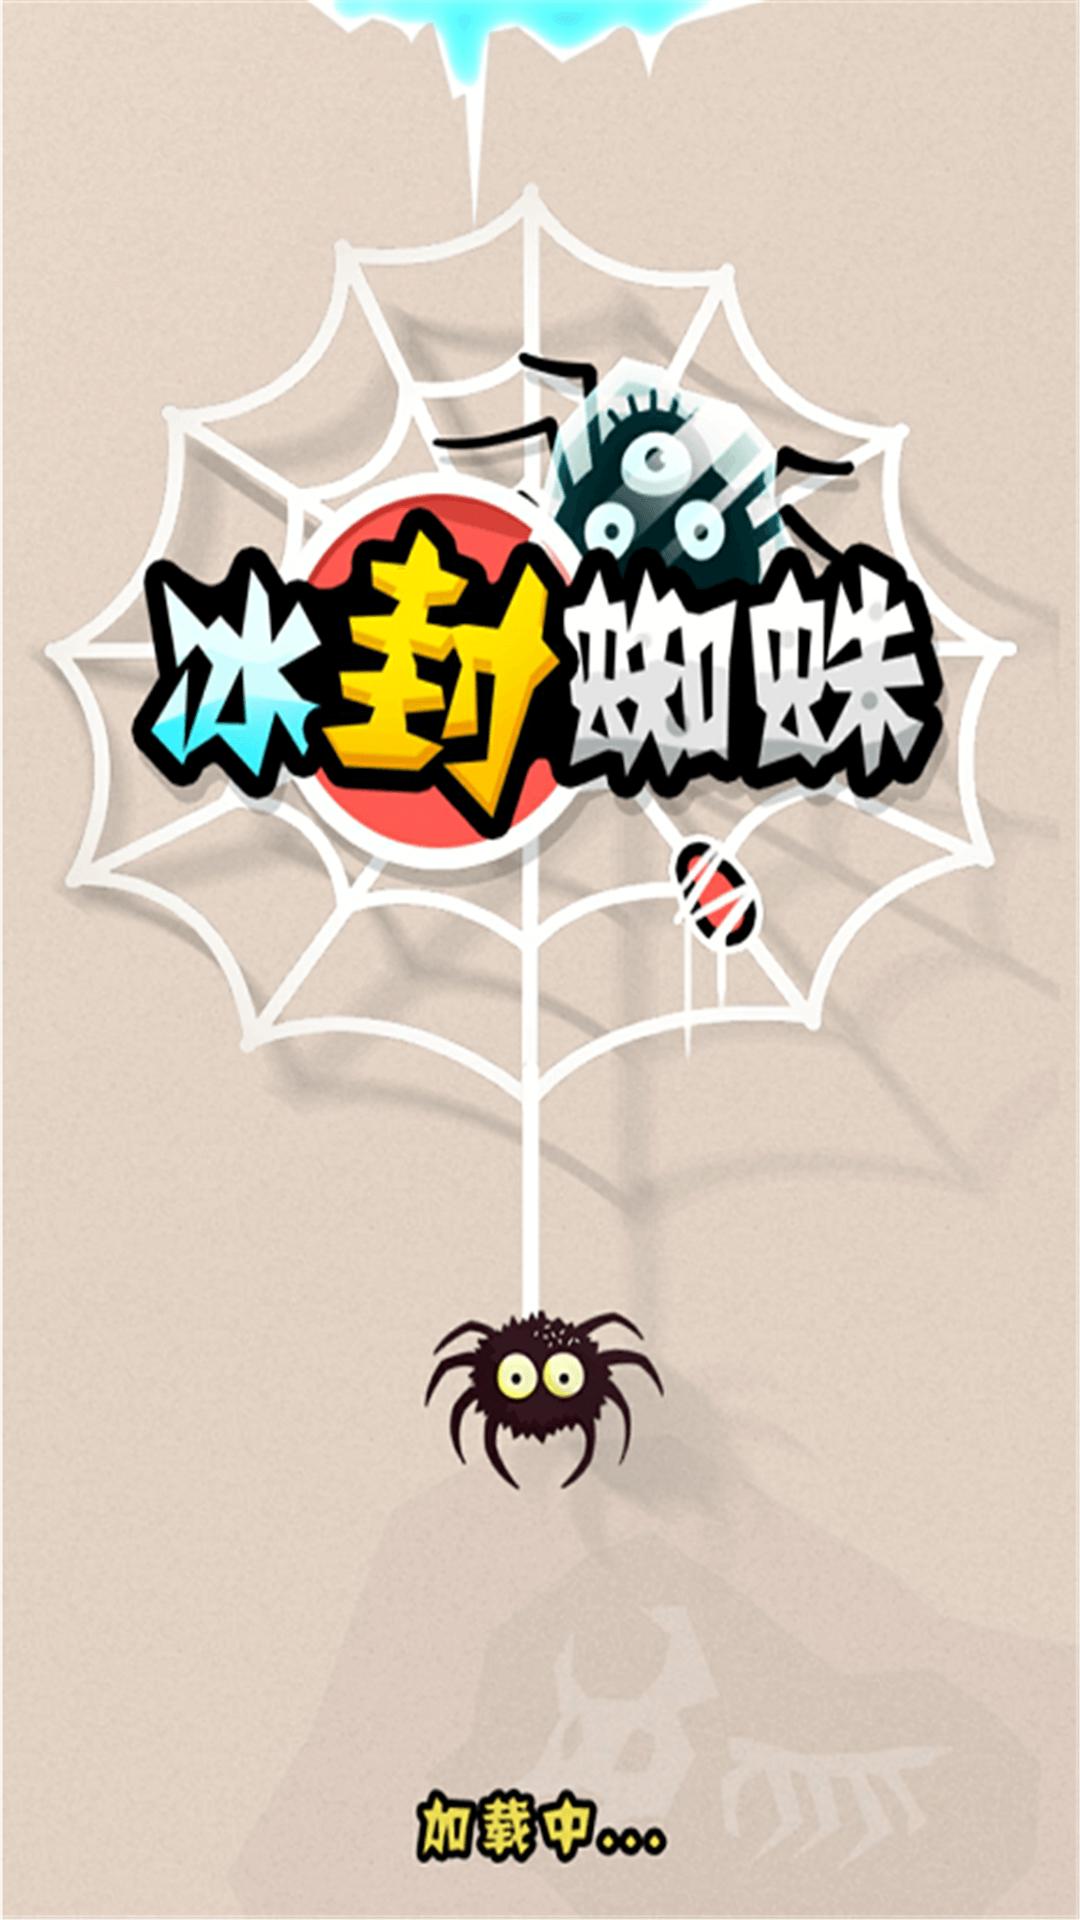 冰封蜘蛛截图(1)